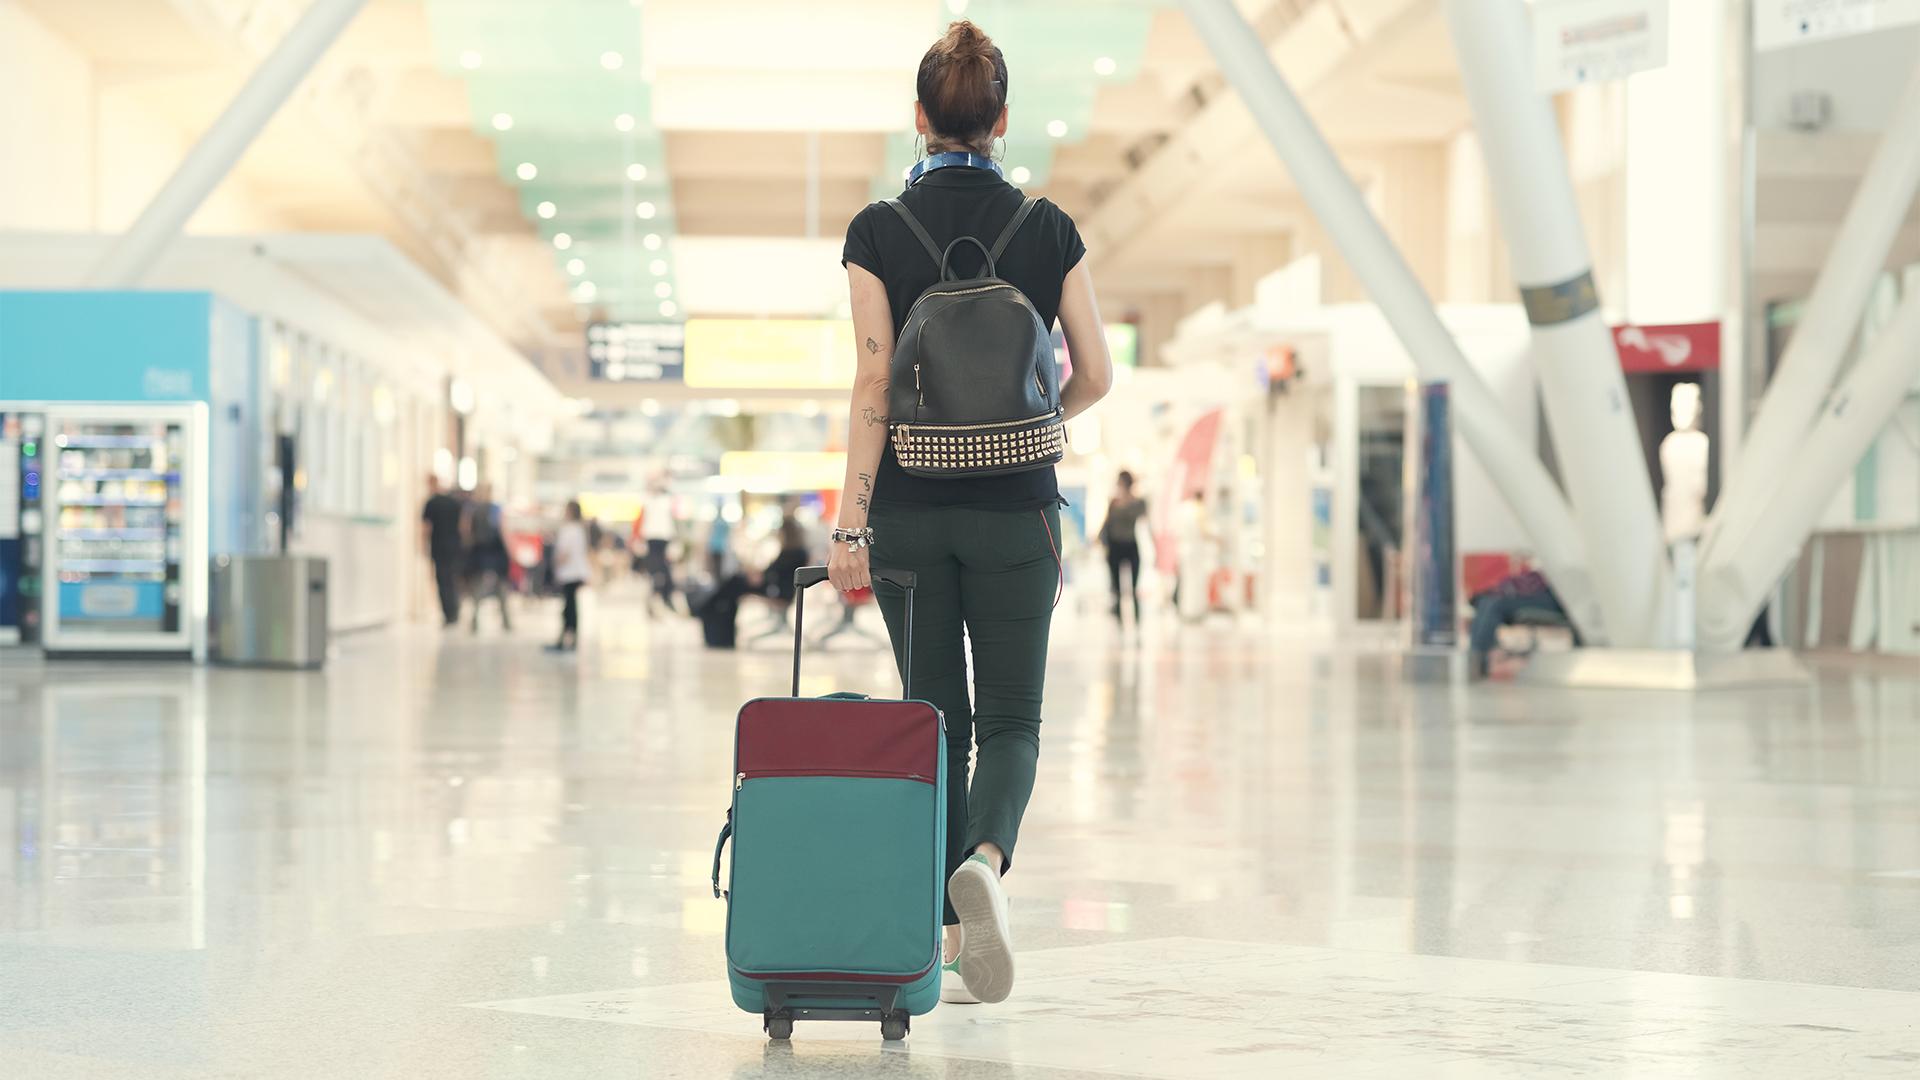 Ezt kell tudnod, ha Olaszországba utaznál repülővel